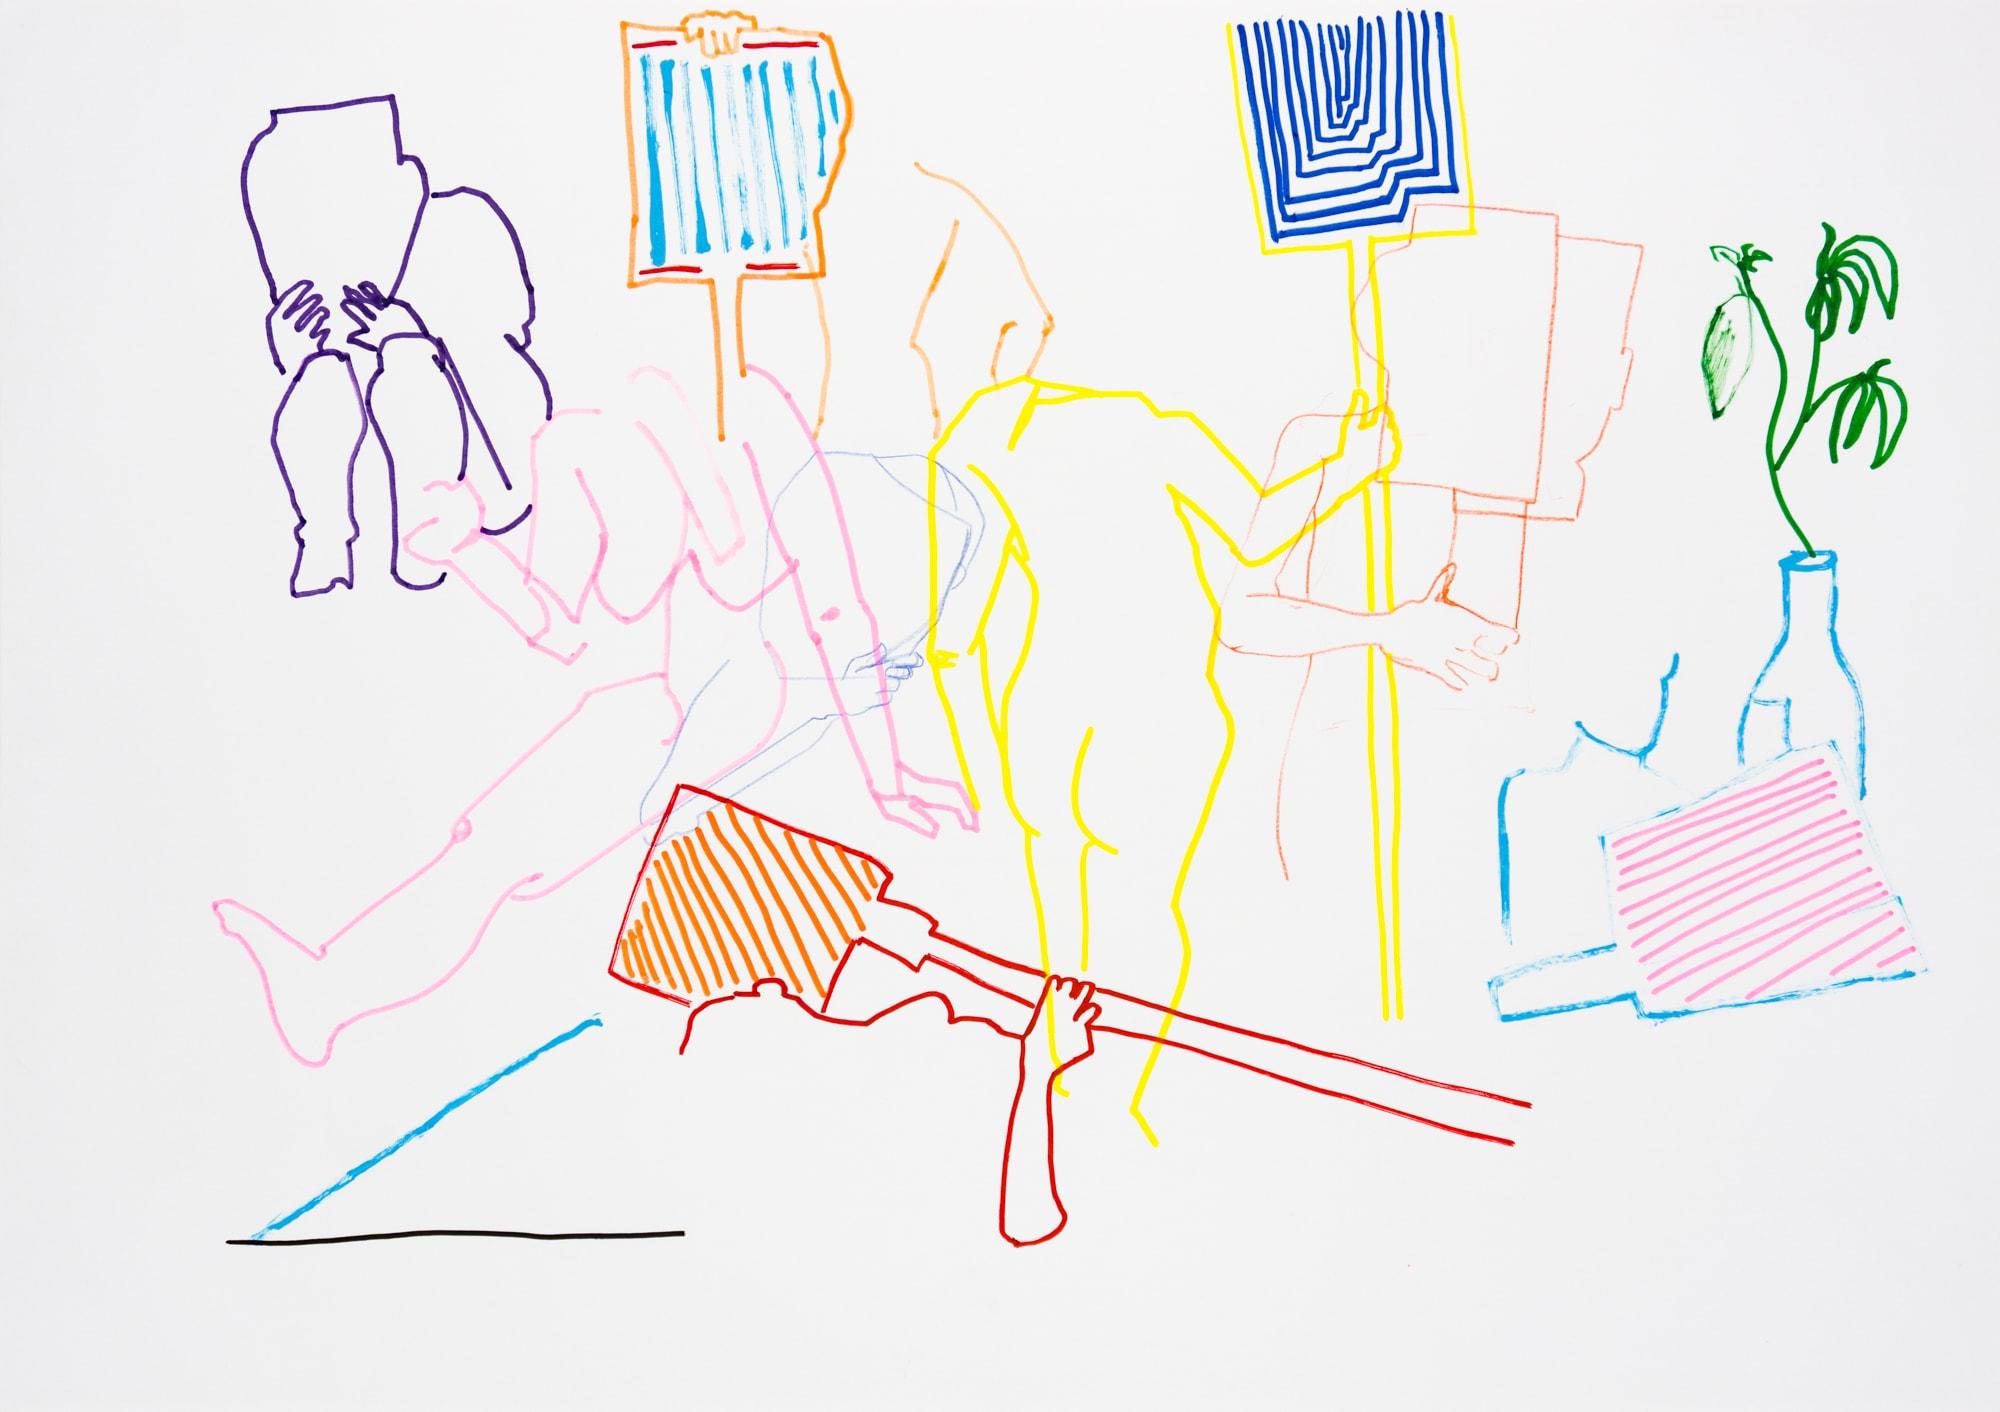 Zeichnung, Acrylmarker auf Papier, 59,4x42cm, Akt?, Künstlerin: Franziska King